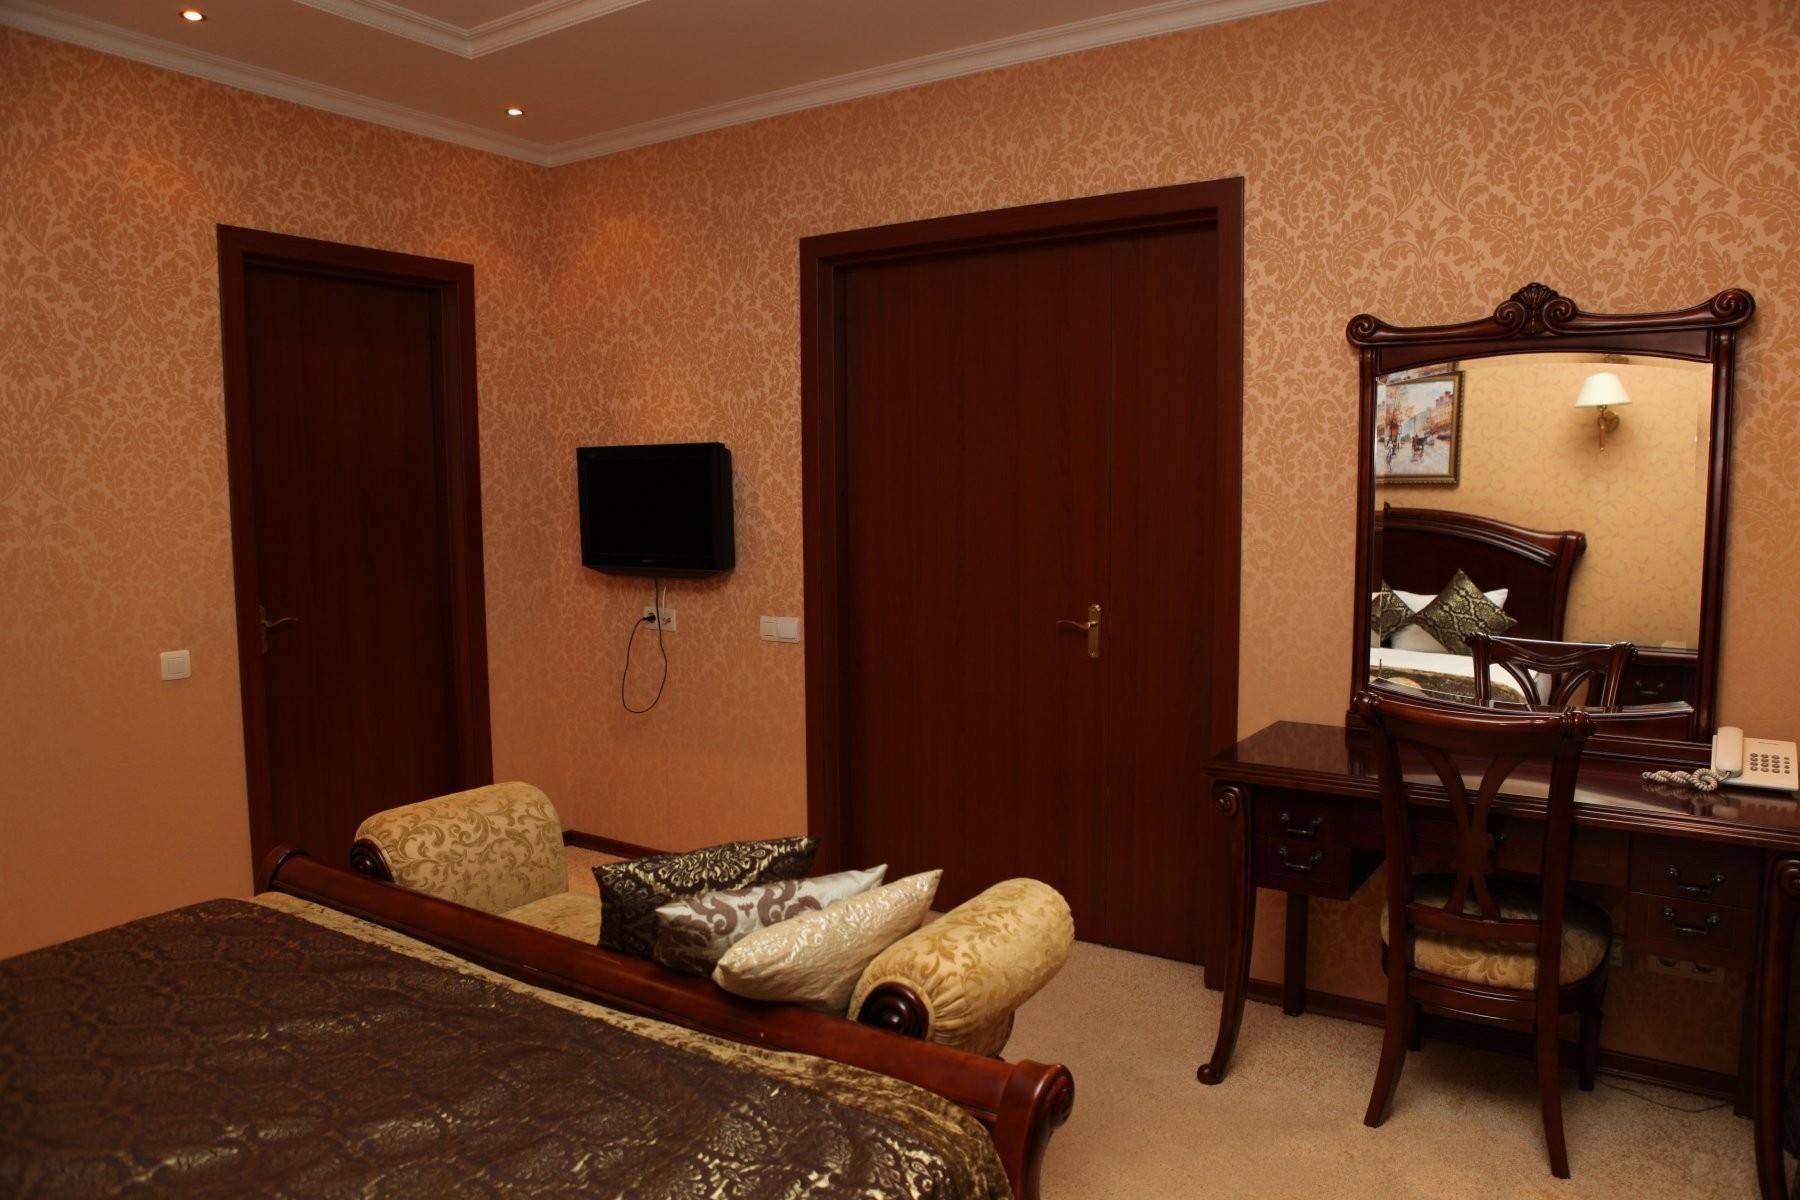 Киев, гостиничный комплекс - №1